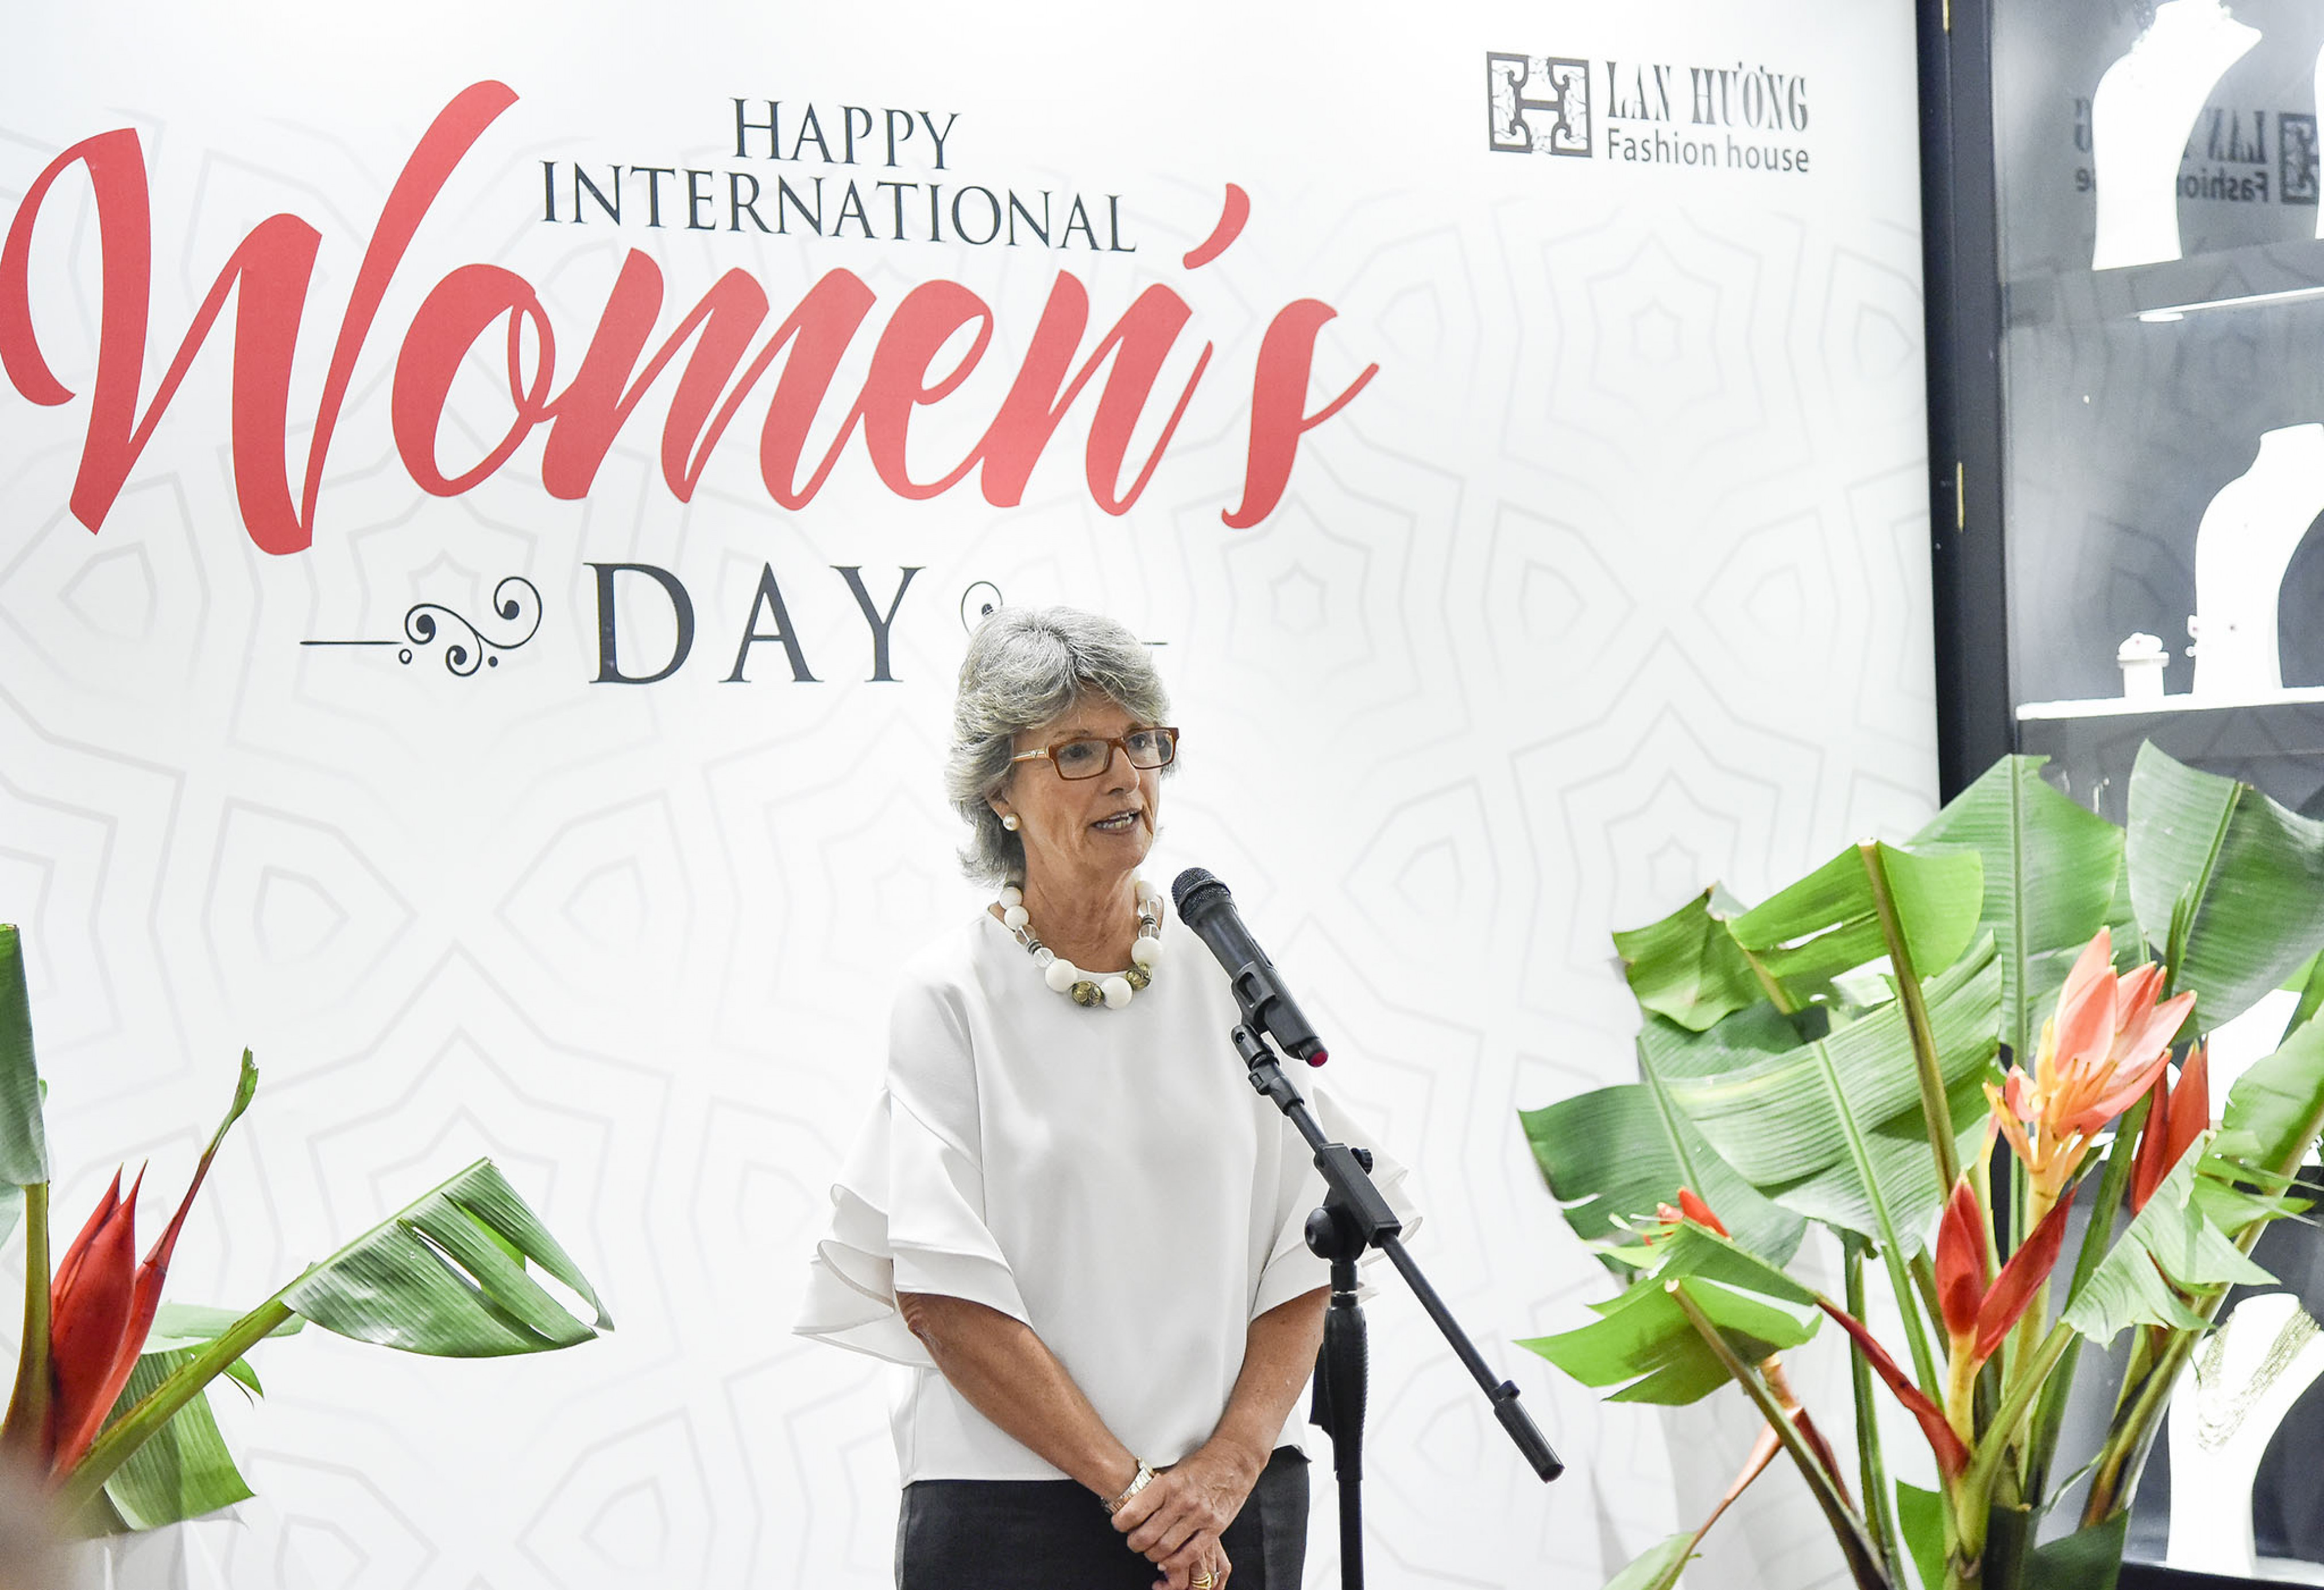 Trên cương vị Đồng chủ tịch Nhóm điều phối về bình đẳng giới, bà Maria Jesus Figa Lopez-Palop Đại sứ Tây Ban Nha tại Việt Nam đặc biệt hoan nghênh sáng kiến của Bộ Ngoại giao và Nhóm AWCH tổ chức buổi gặp mặt rất thân tình giúp thặt chặt tình cảm gắn bó giữa các cán bộ nữ làm công tác đối ngoại.